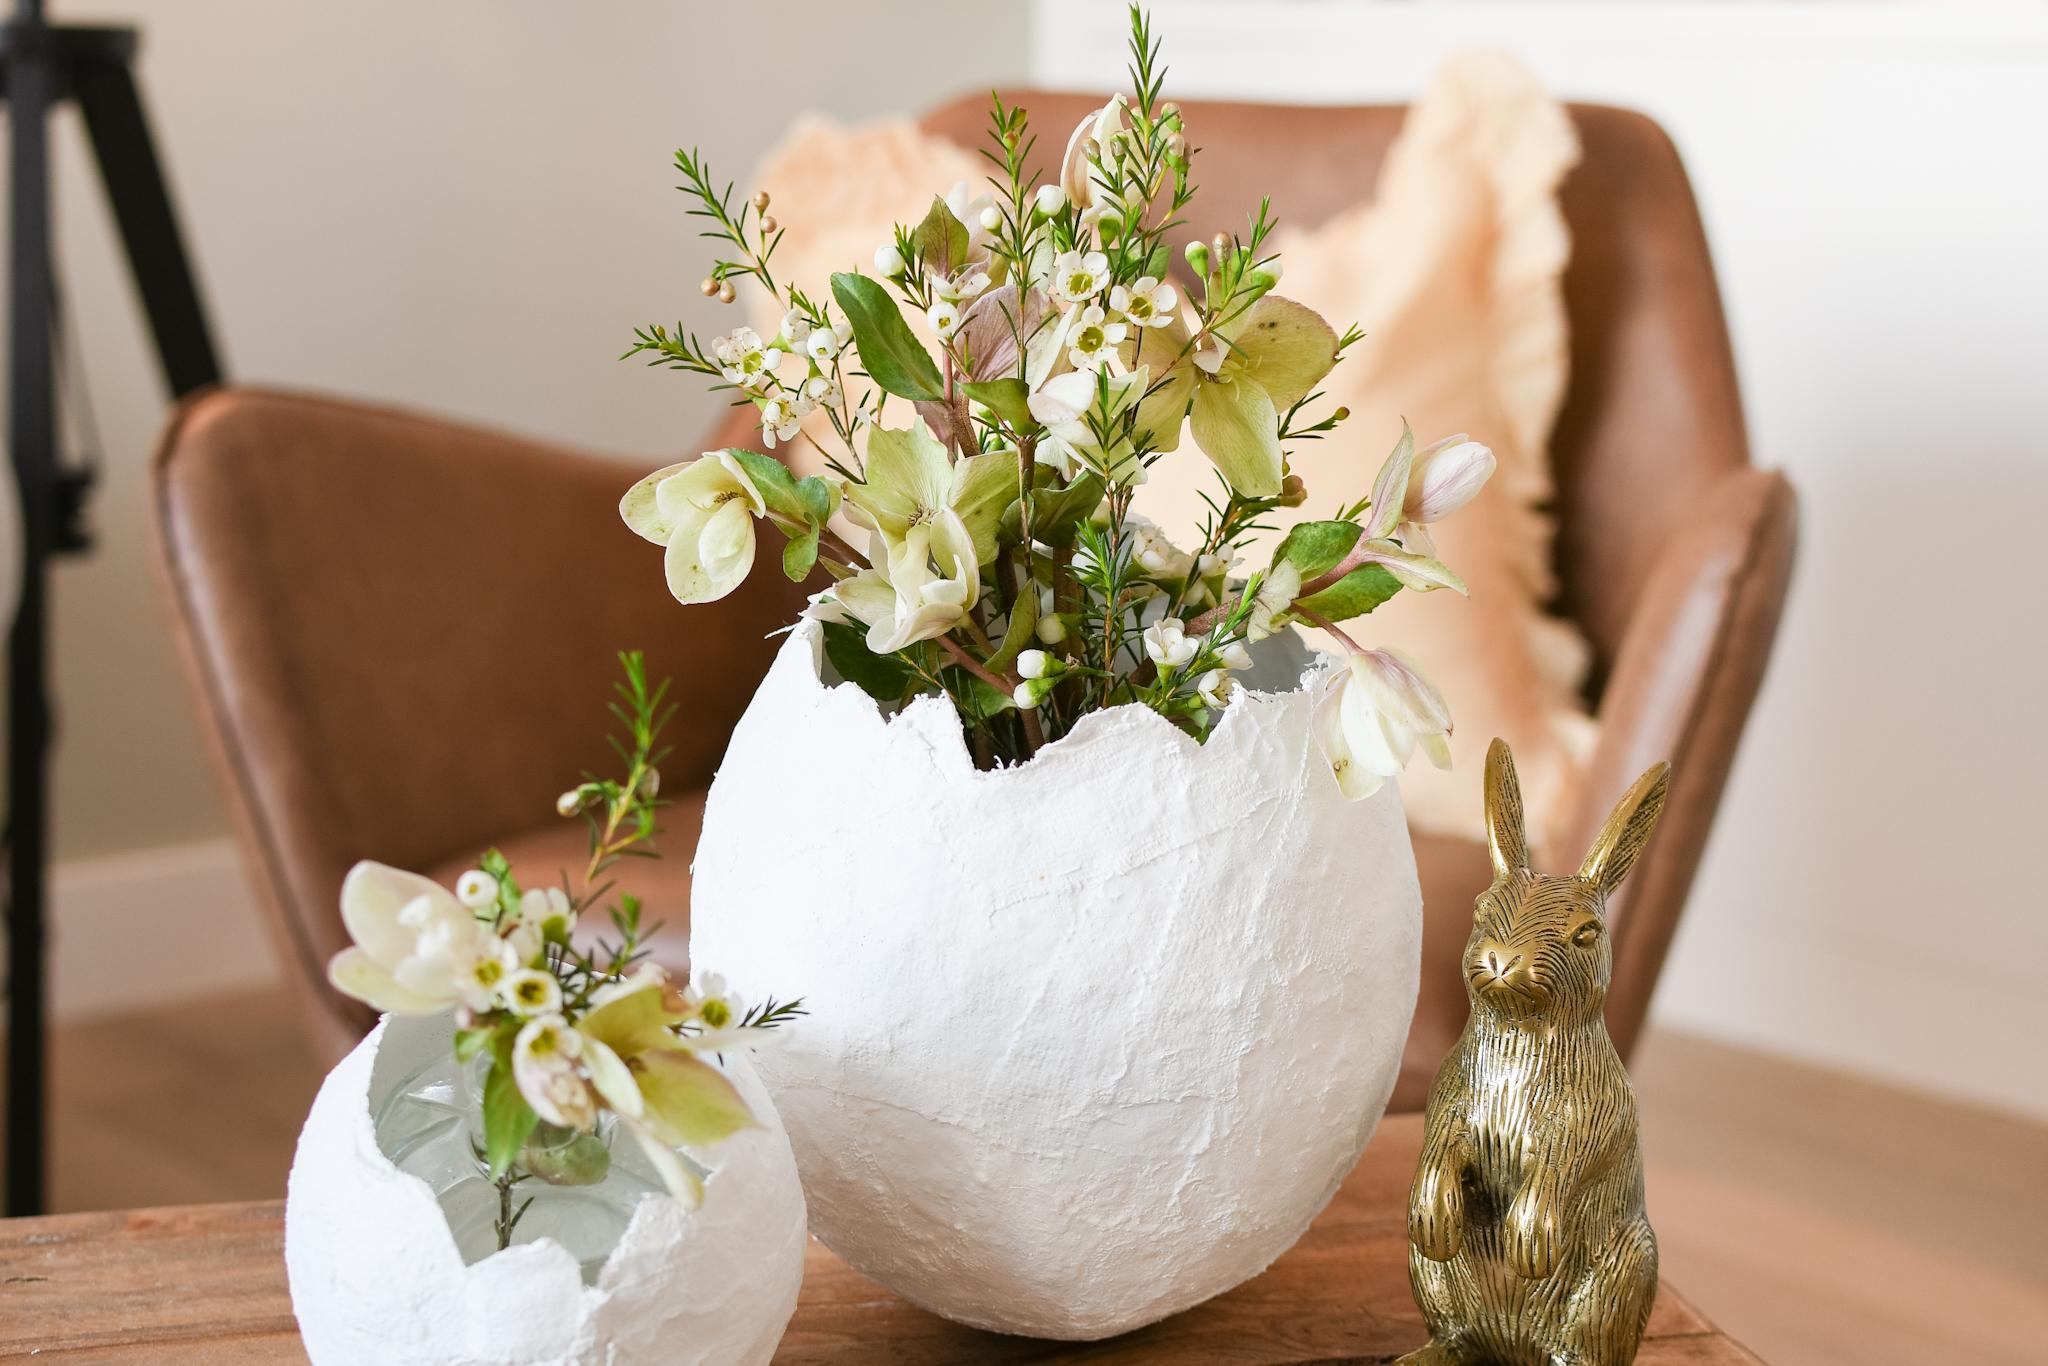 ei van gips voor pasen maken - bloemenvaasje